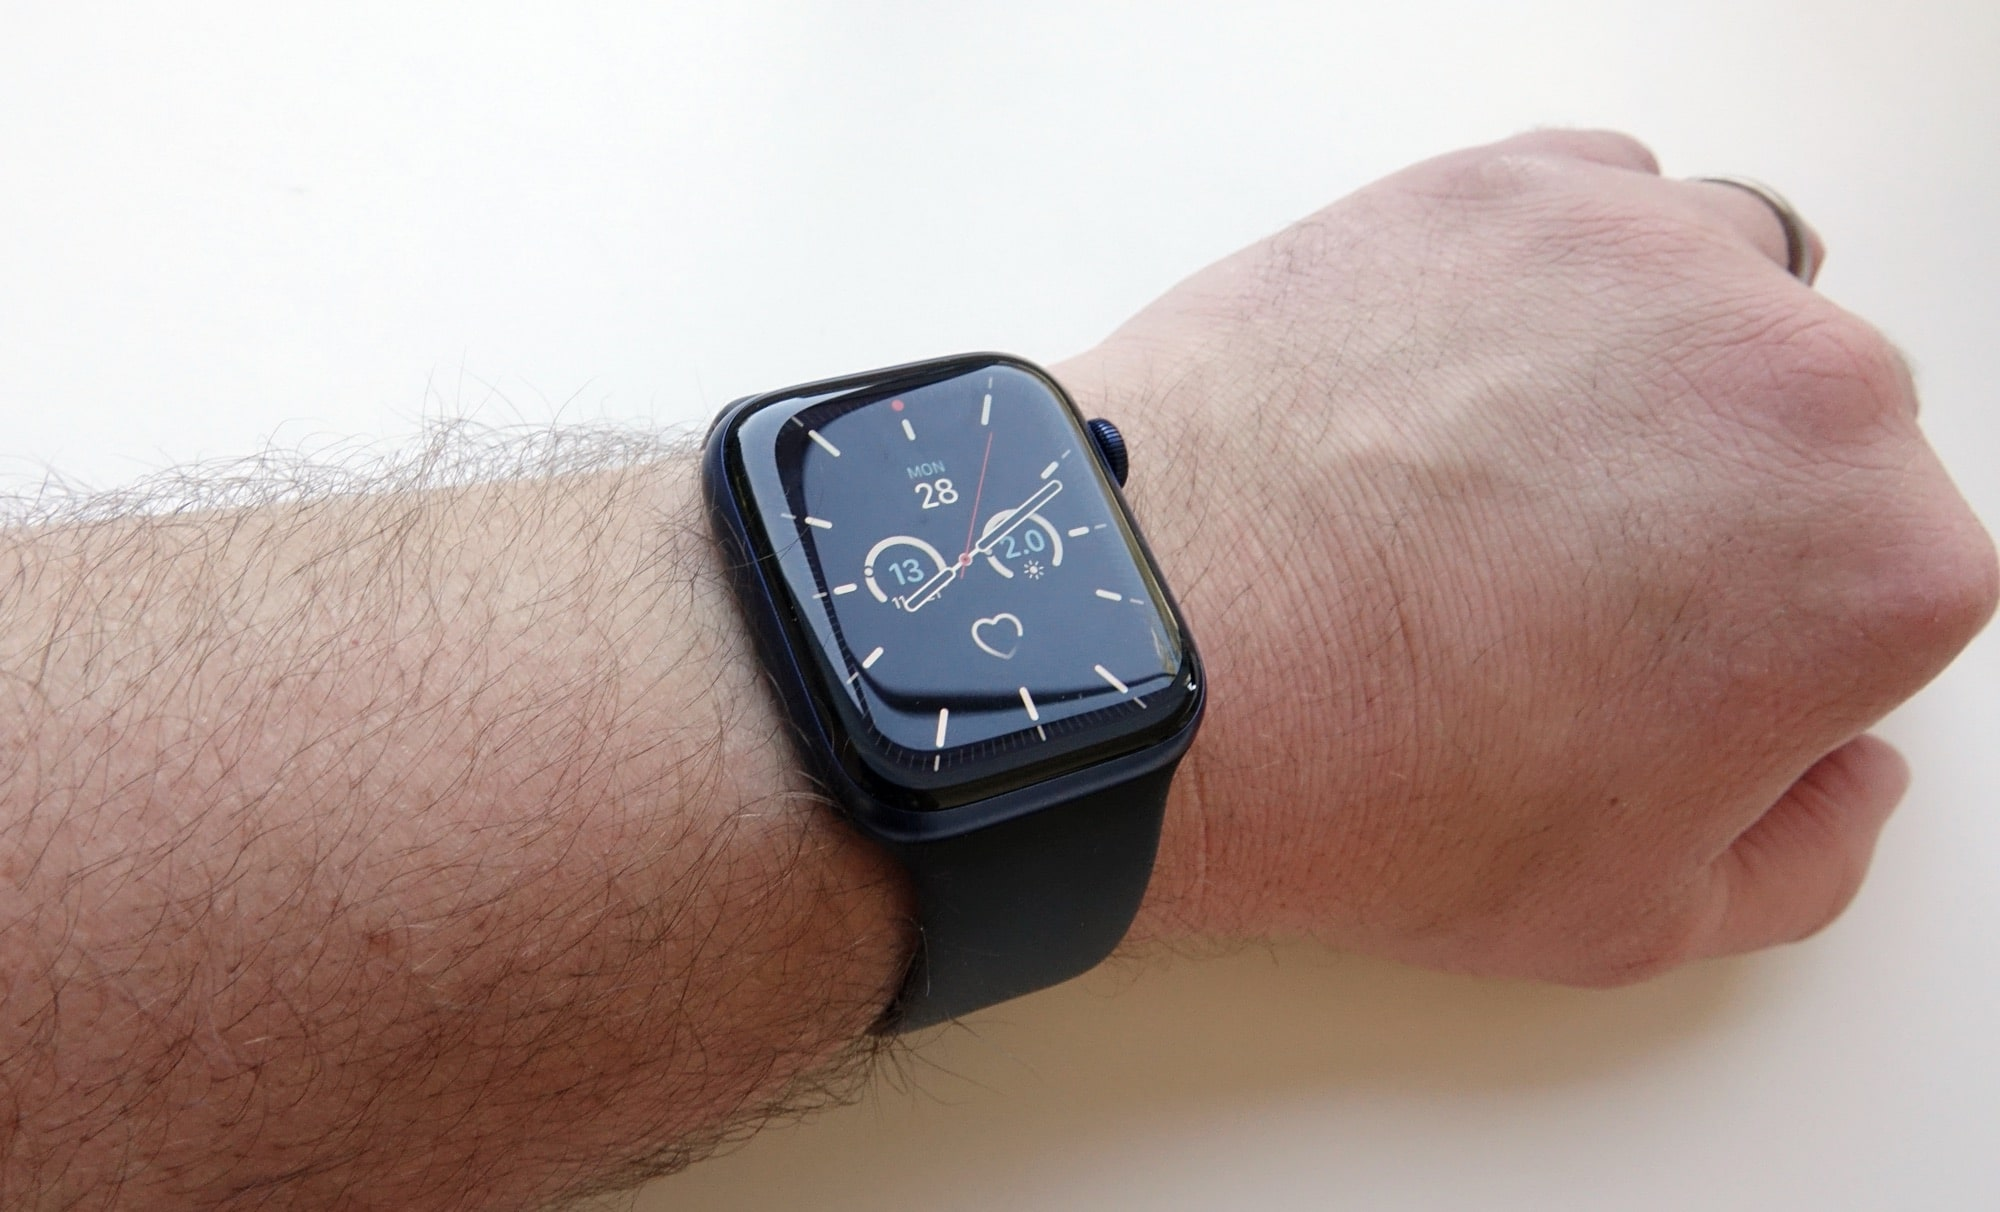 Apple Watch Series 6 reviewed